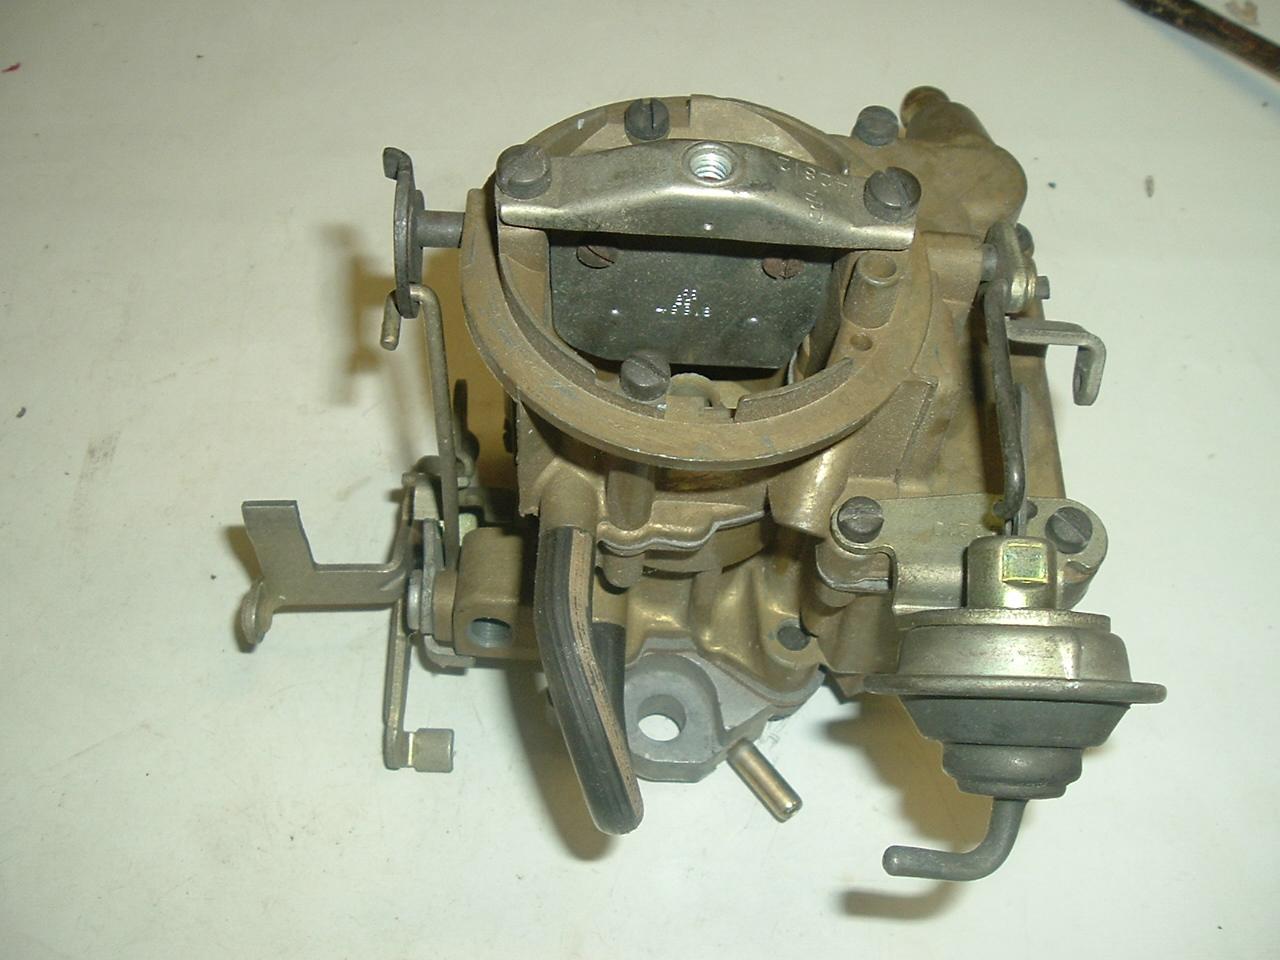 1973 Chevrolet Vega Carburetor 7043033 nos (a 7043033xvf)